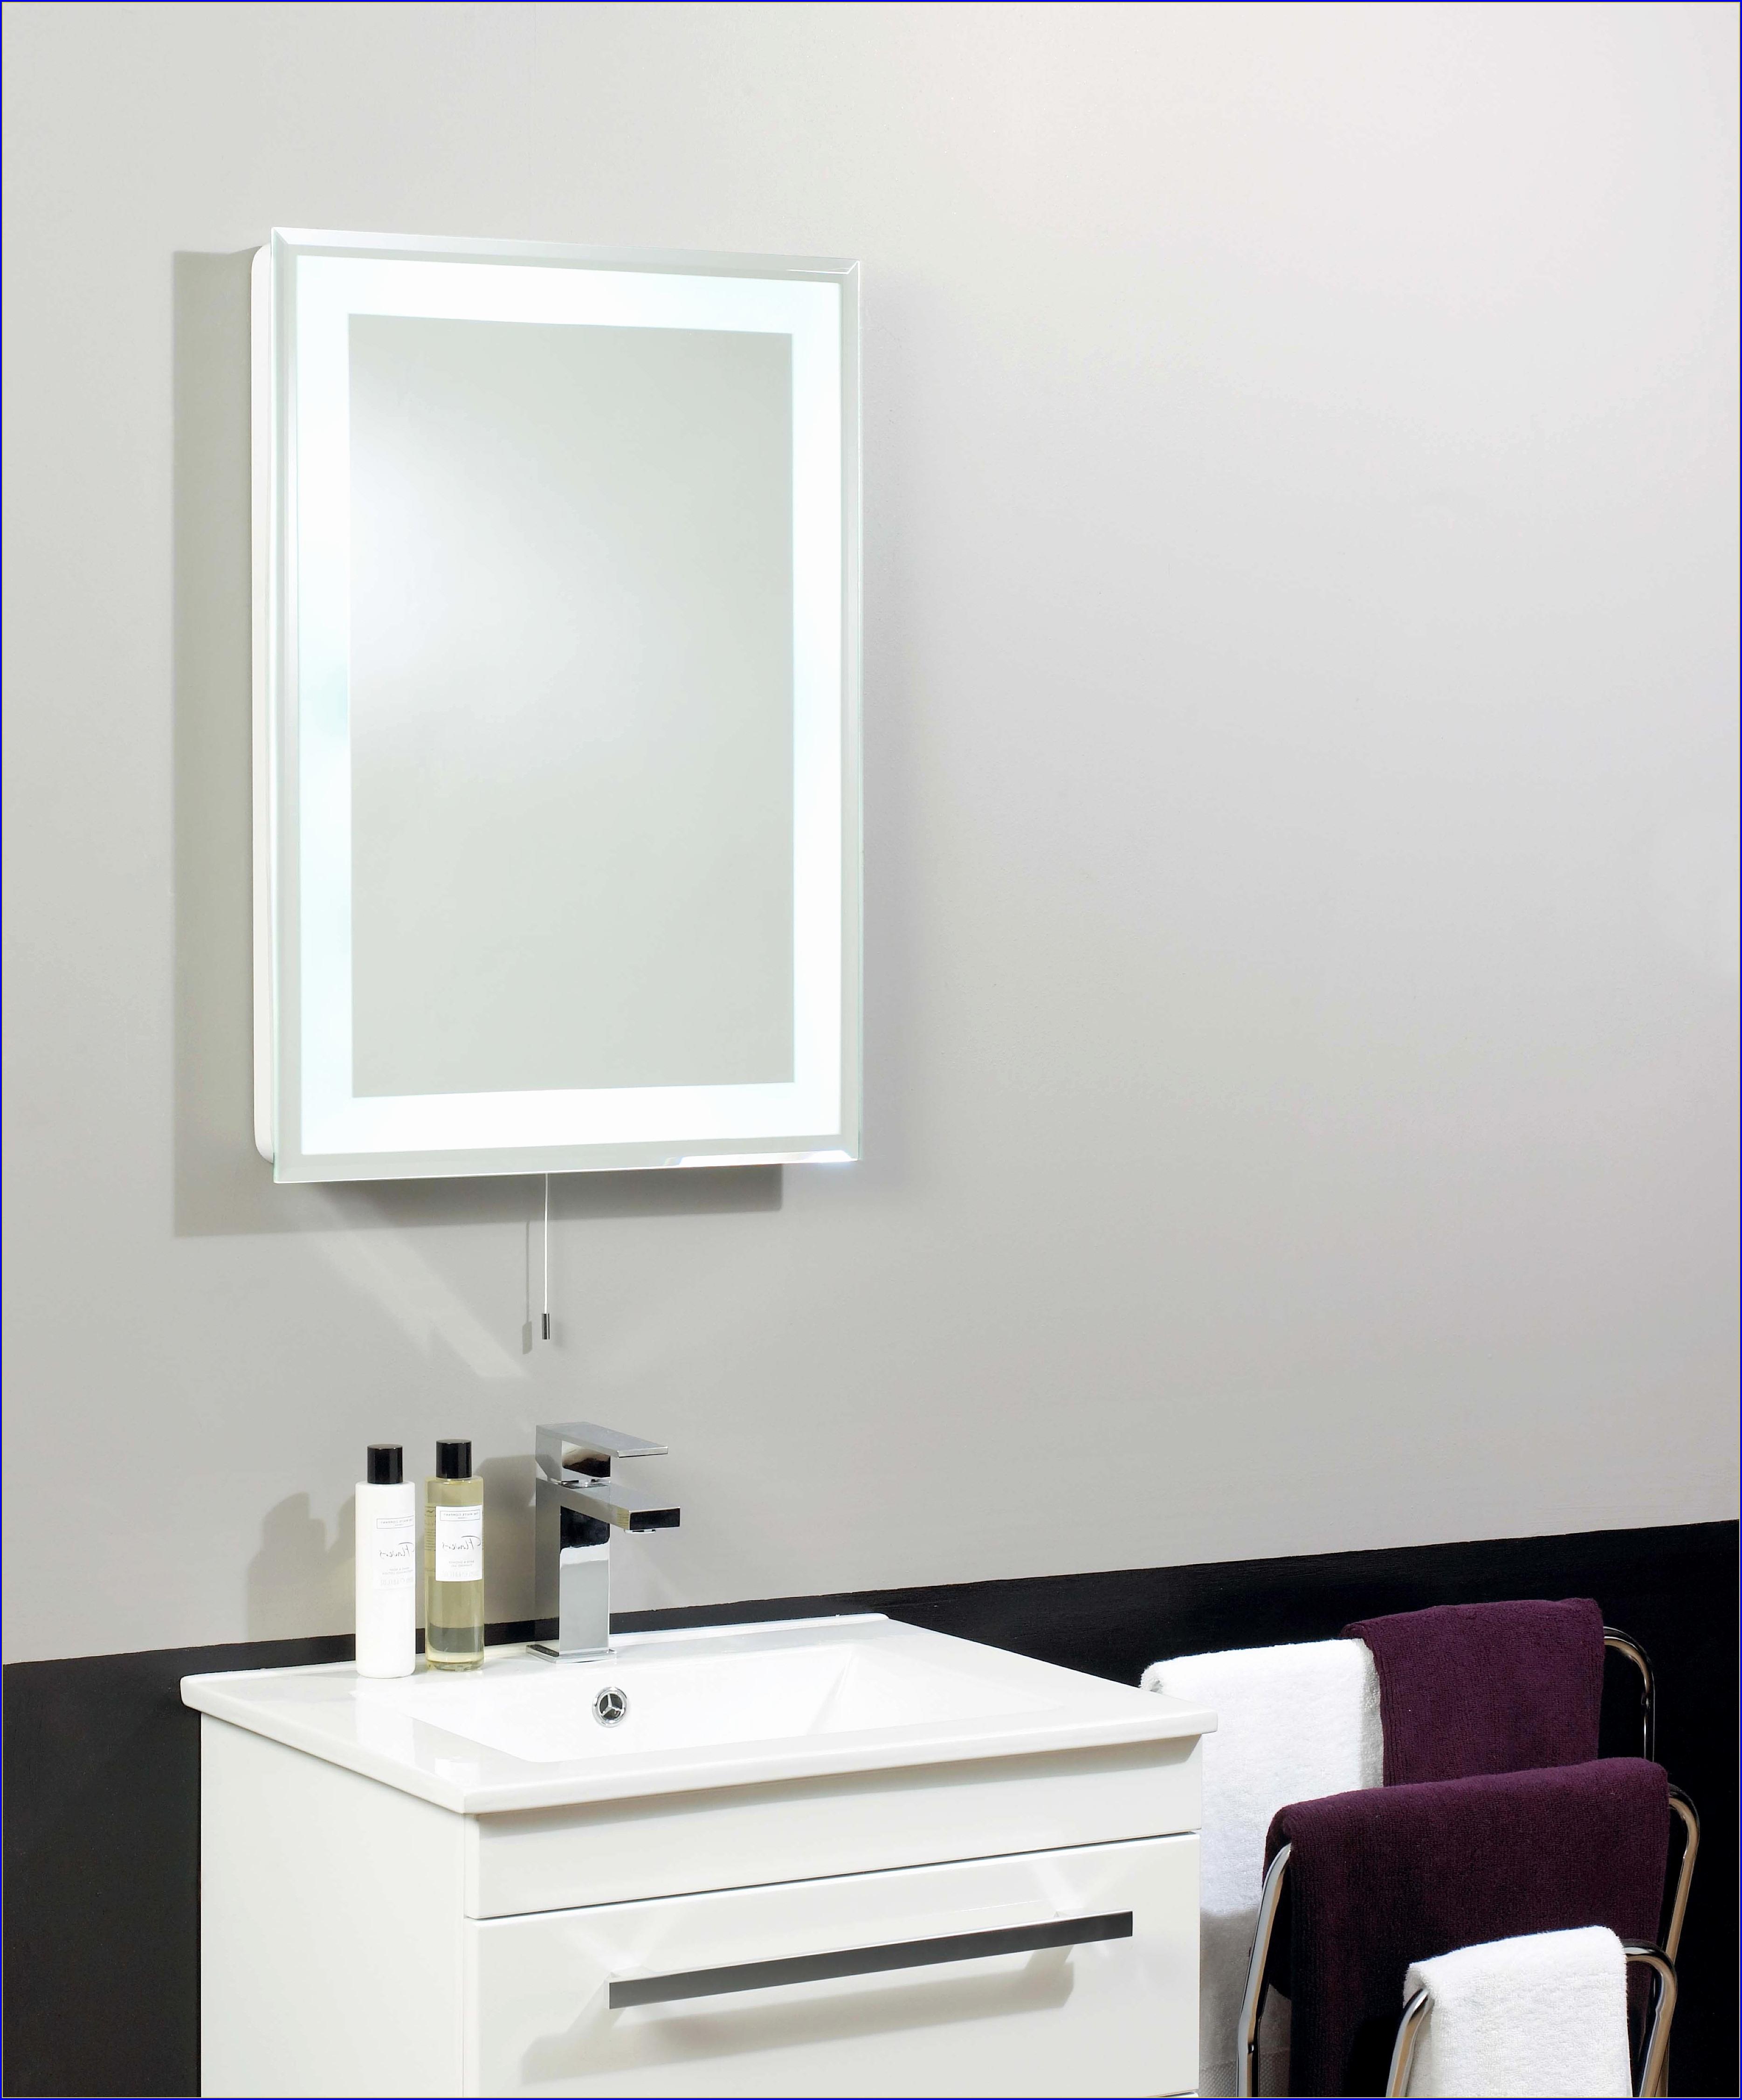 Ikea Miroir Salle De Bains Frais Images Spot Salle De Bain Ikea Beau Miroir Loge Ikea Epatant Ikea Eclairage